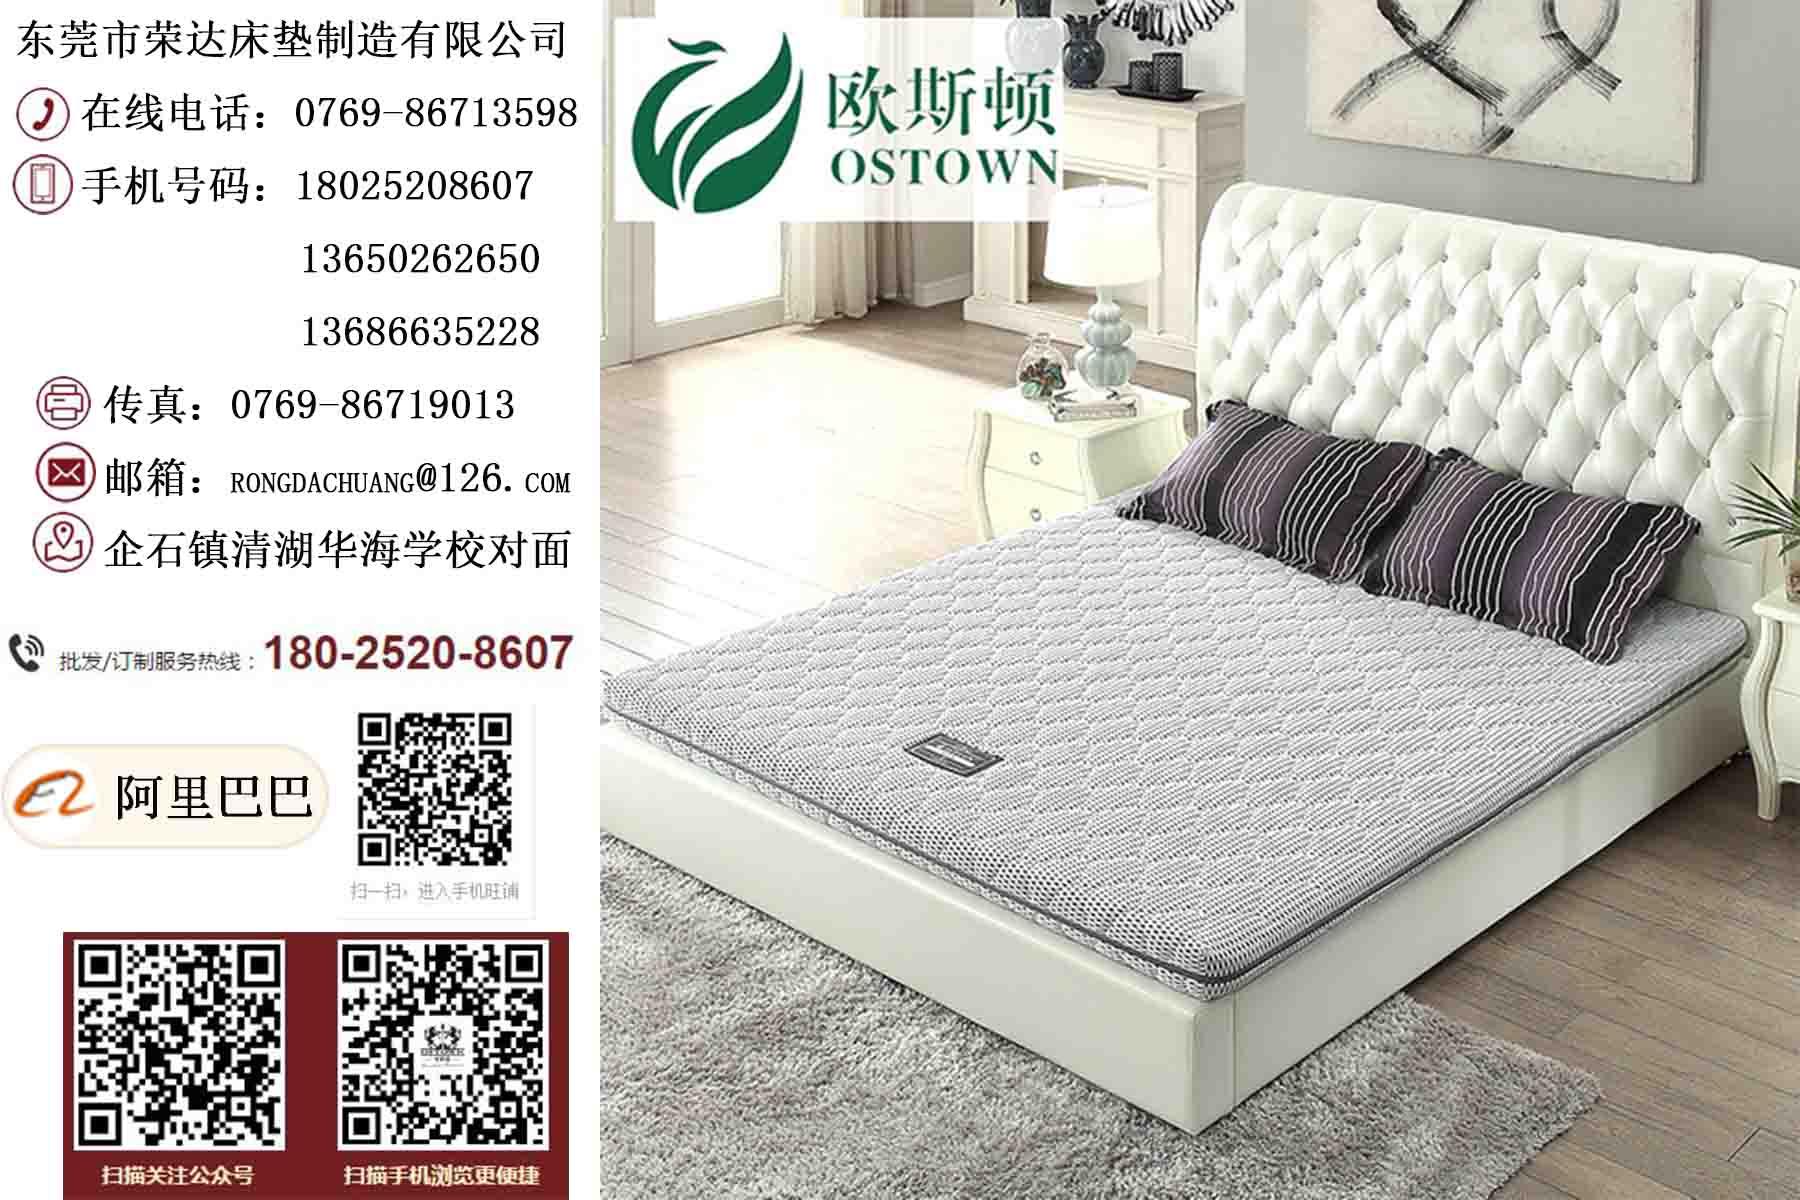 床垫定制价位_在哪能买到优惠的床垫定制